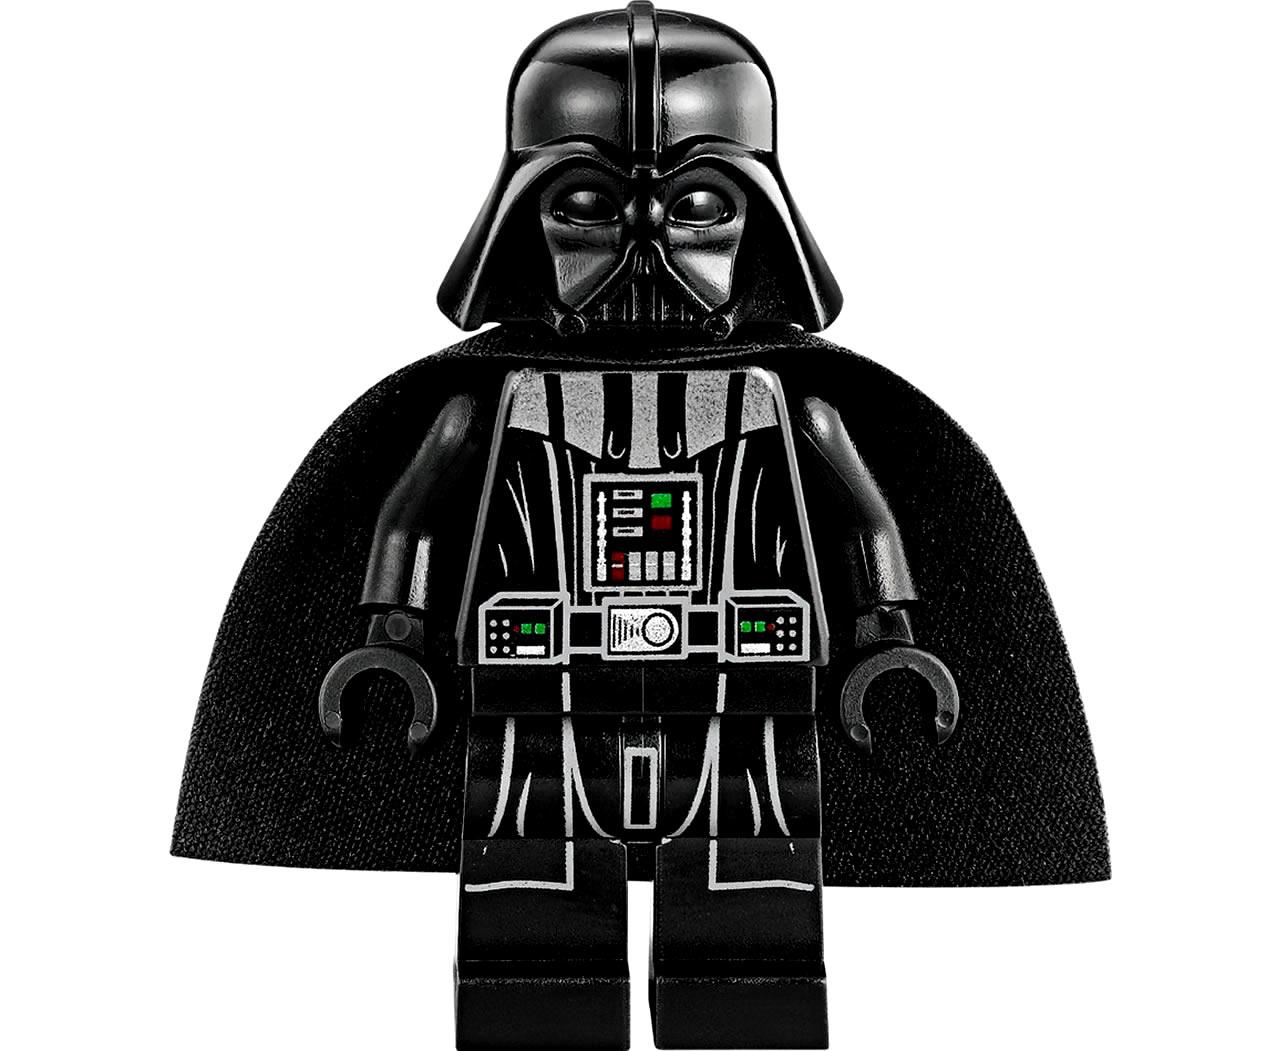 lego star wars pictures star wars 7 déjà une parodie de la bande annonce en lego wars pictures lego star